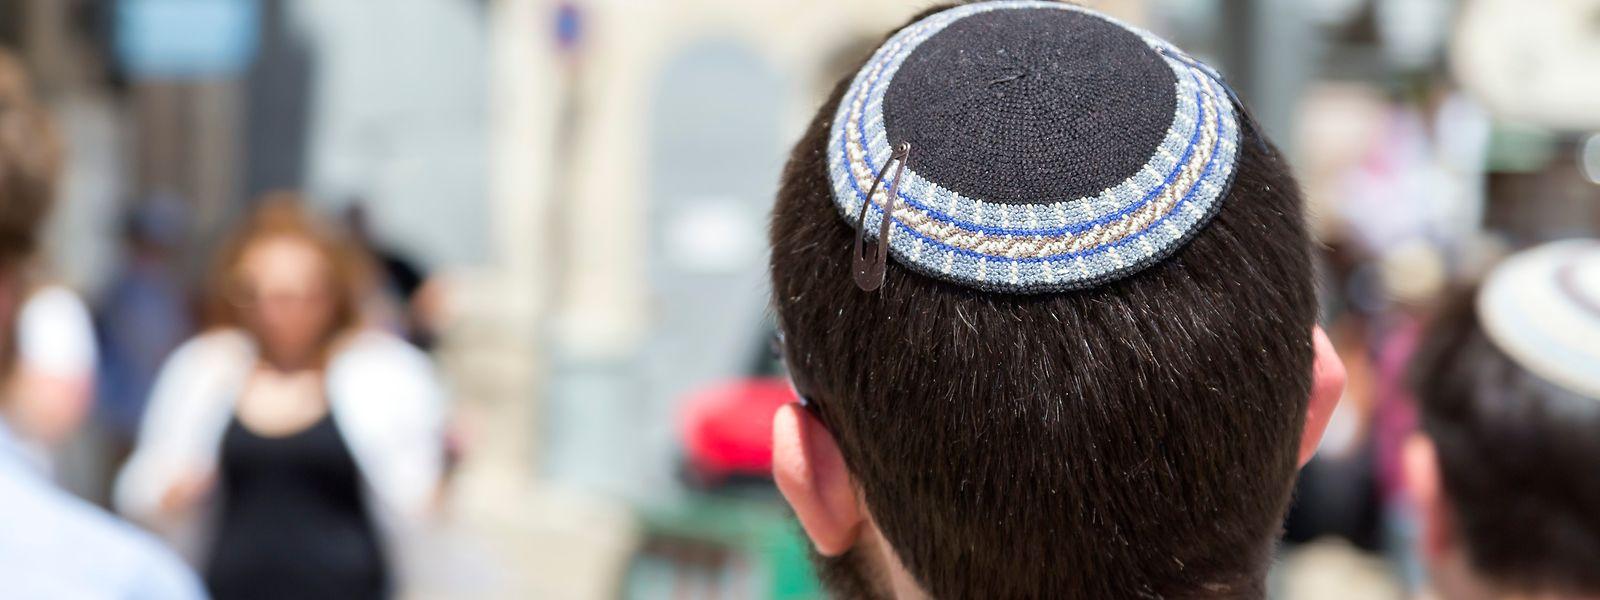 Au 1er juillet 2019, l'ASBL RIAL recense 30 cas d'incidents antisémites au Luxembourg